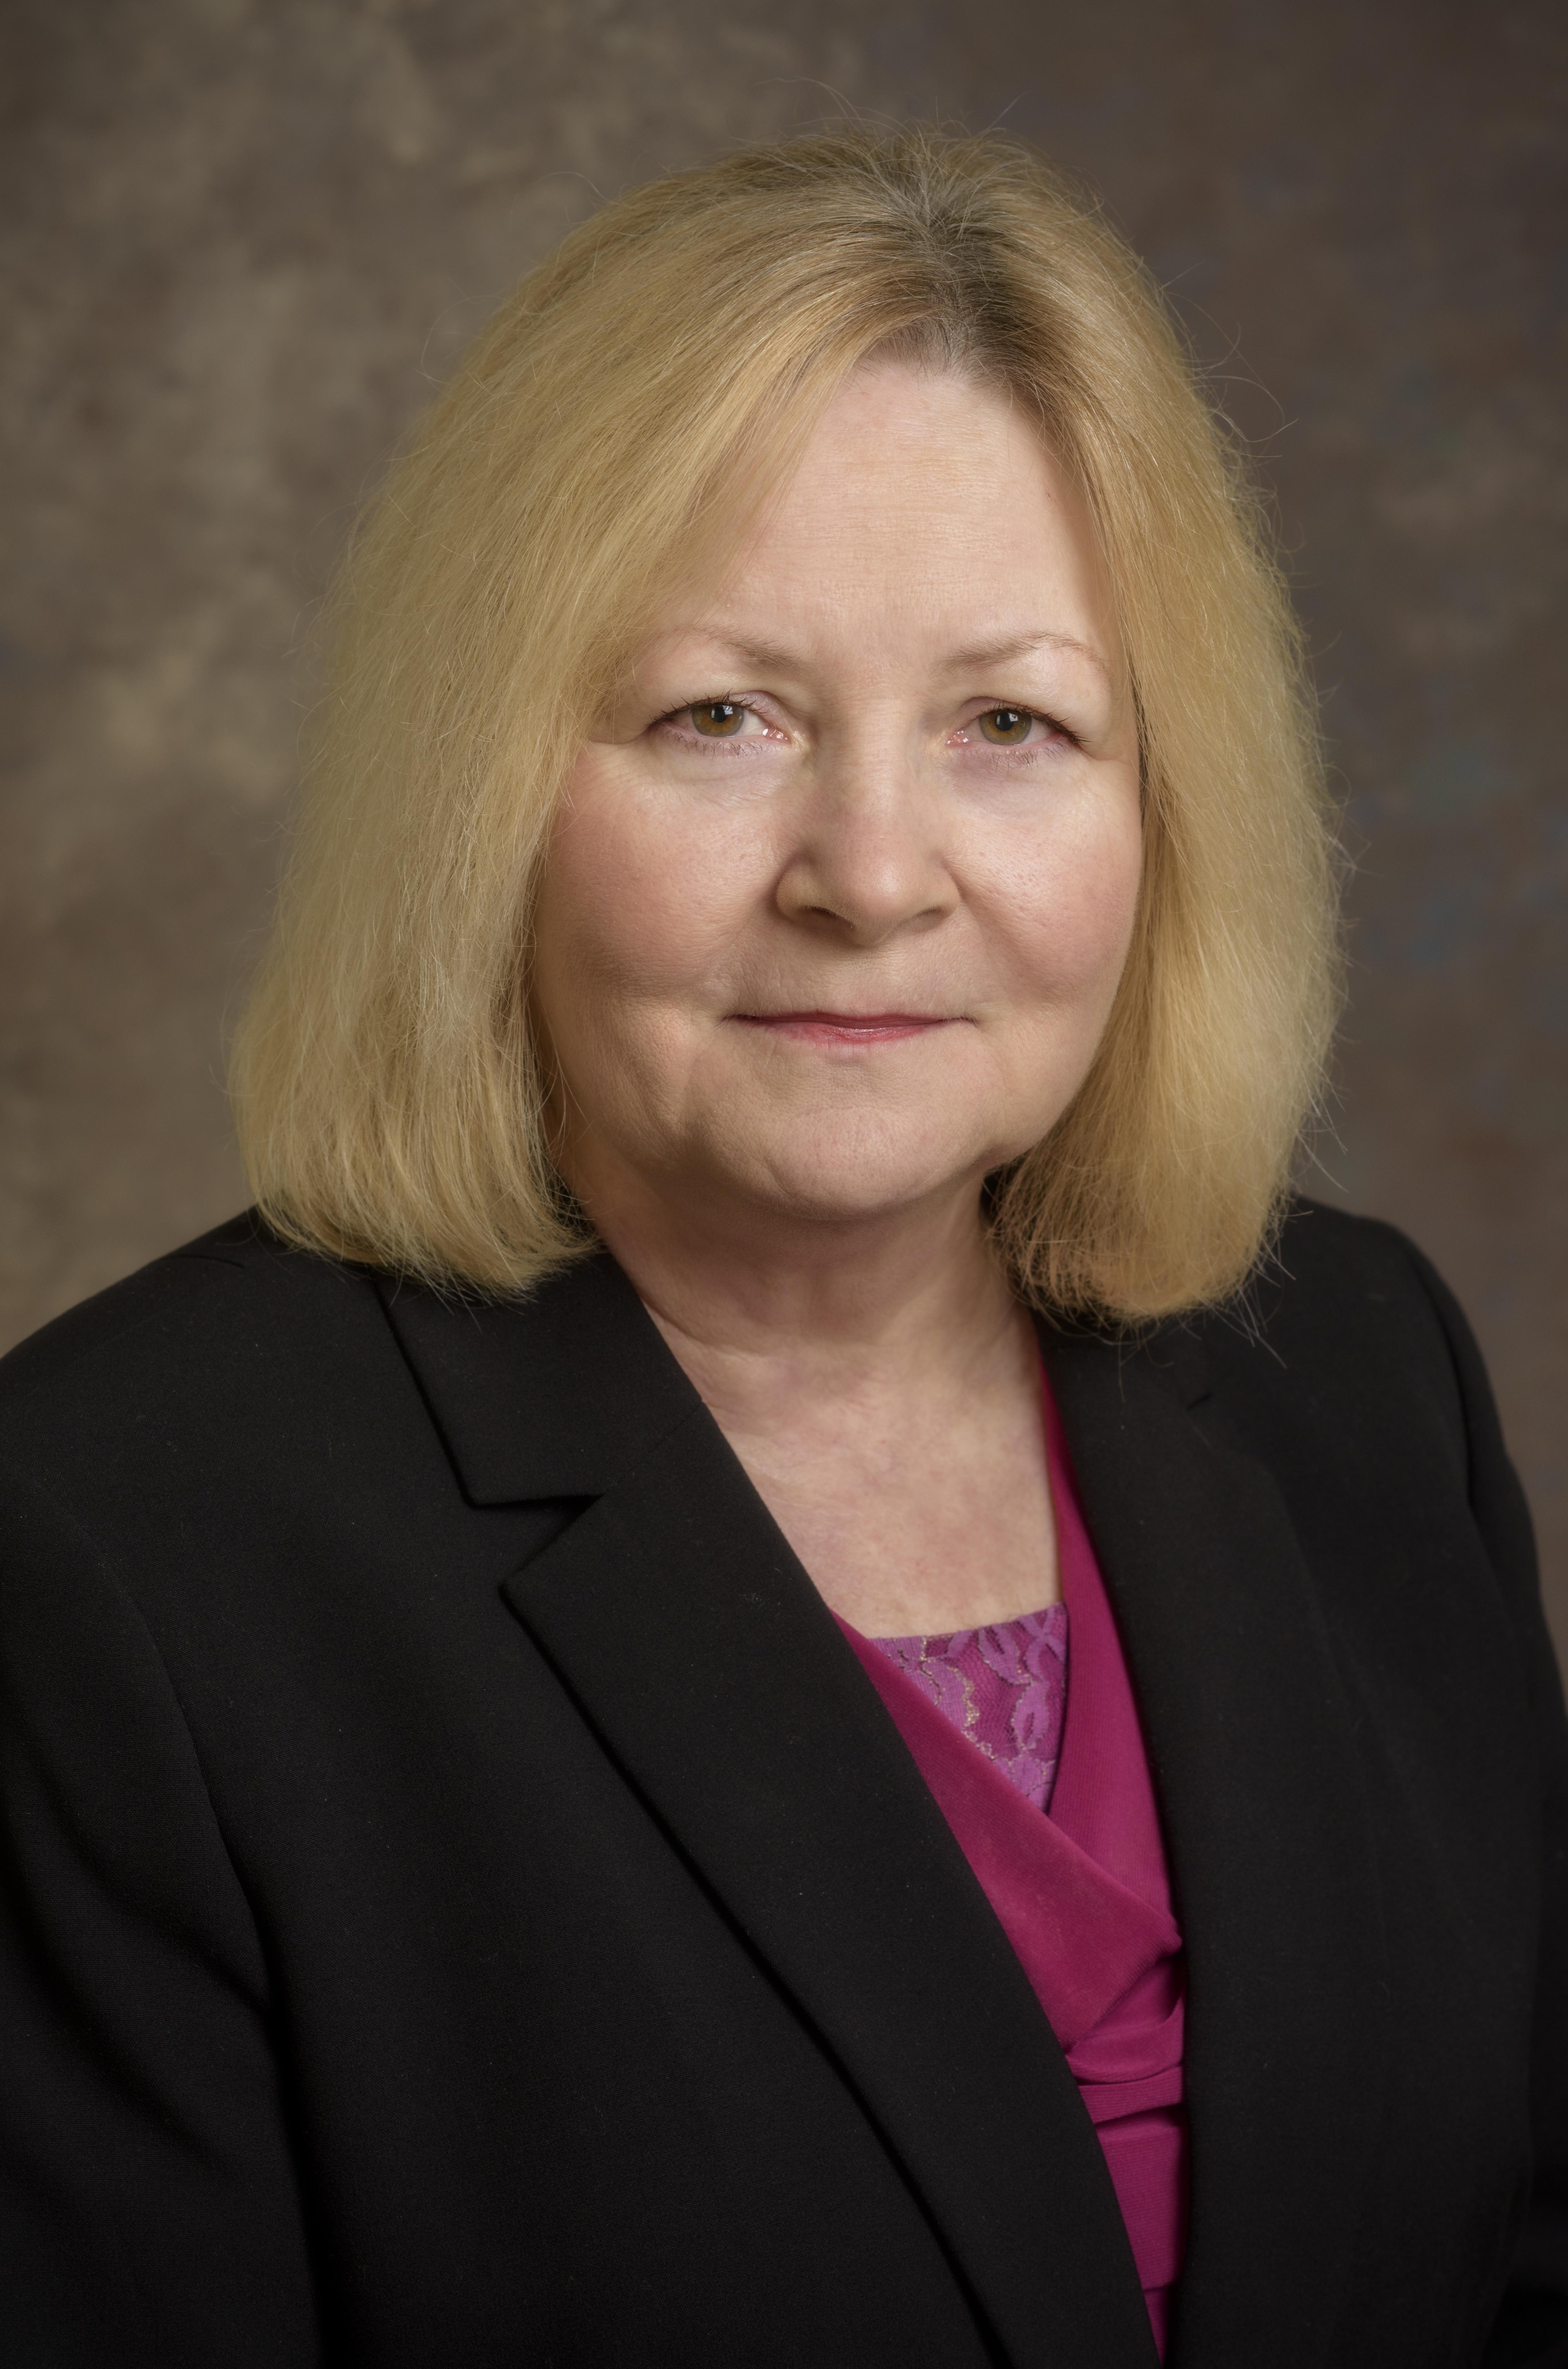 Tina Trimble